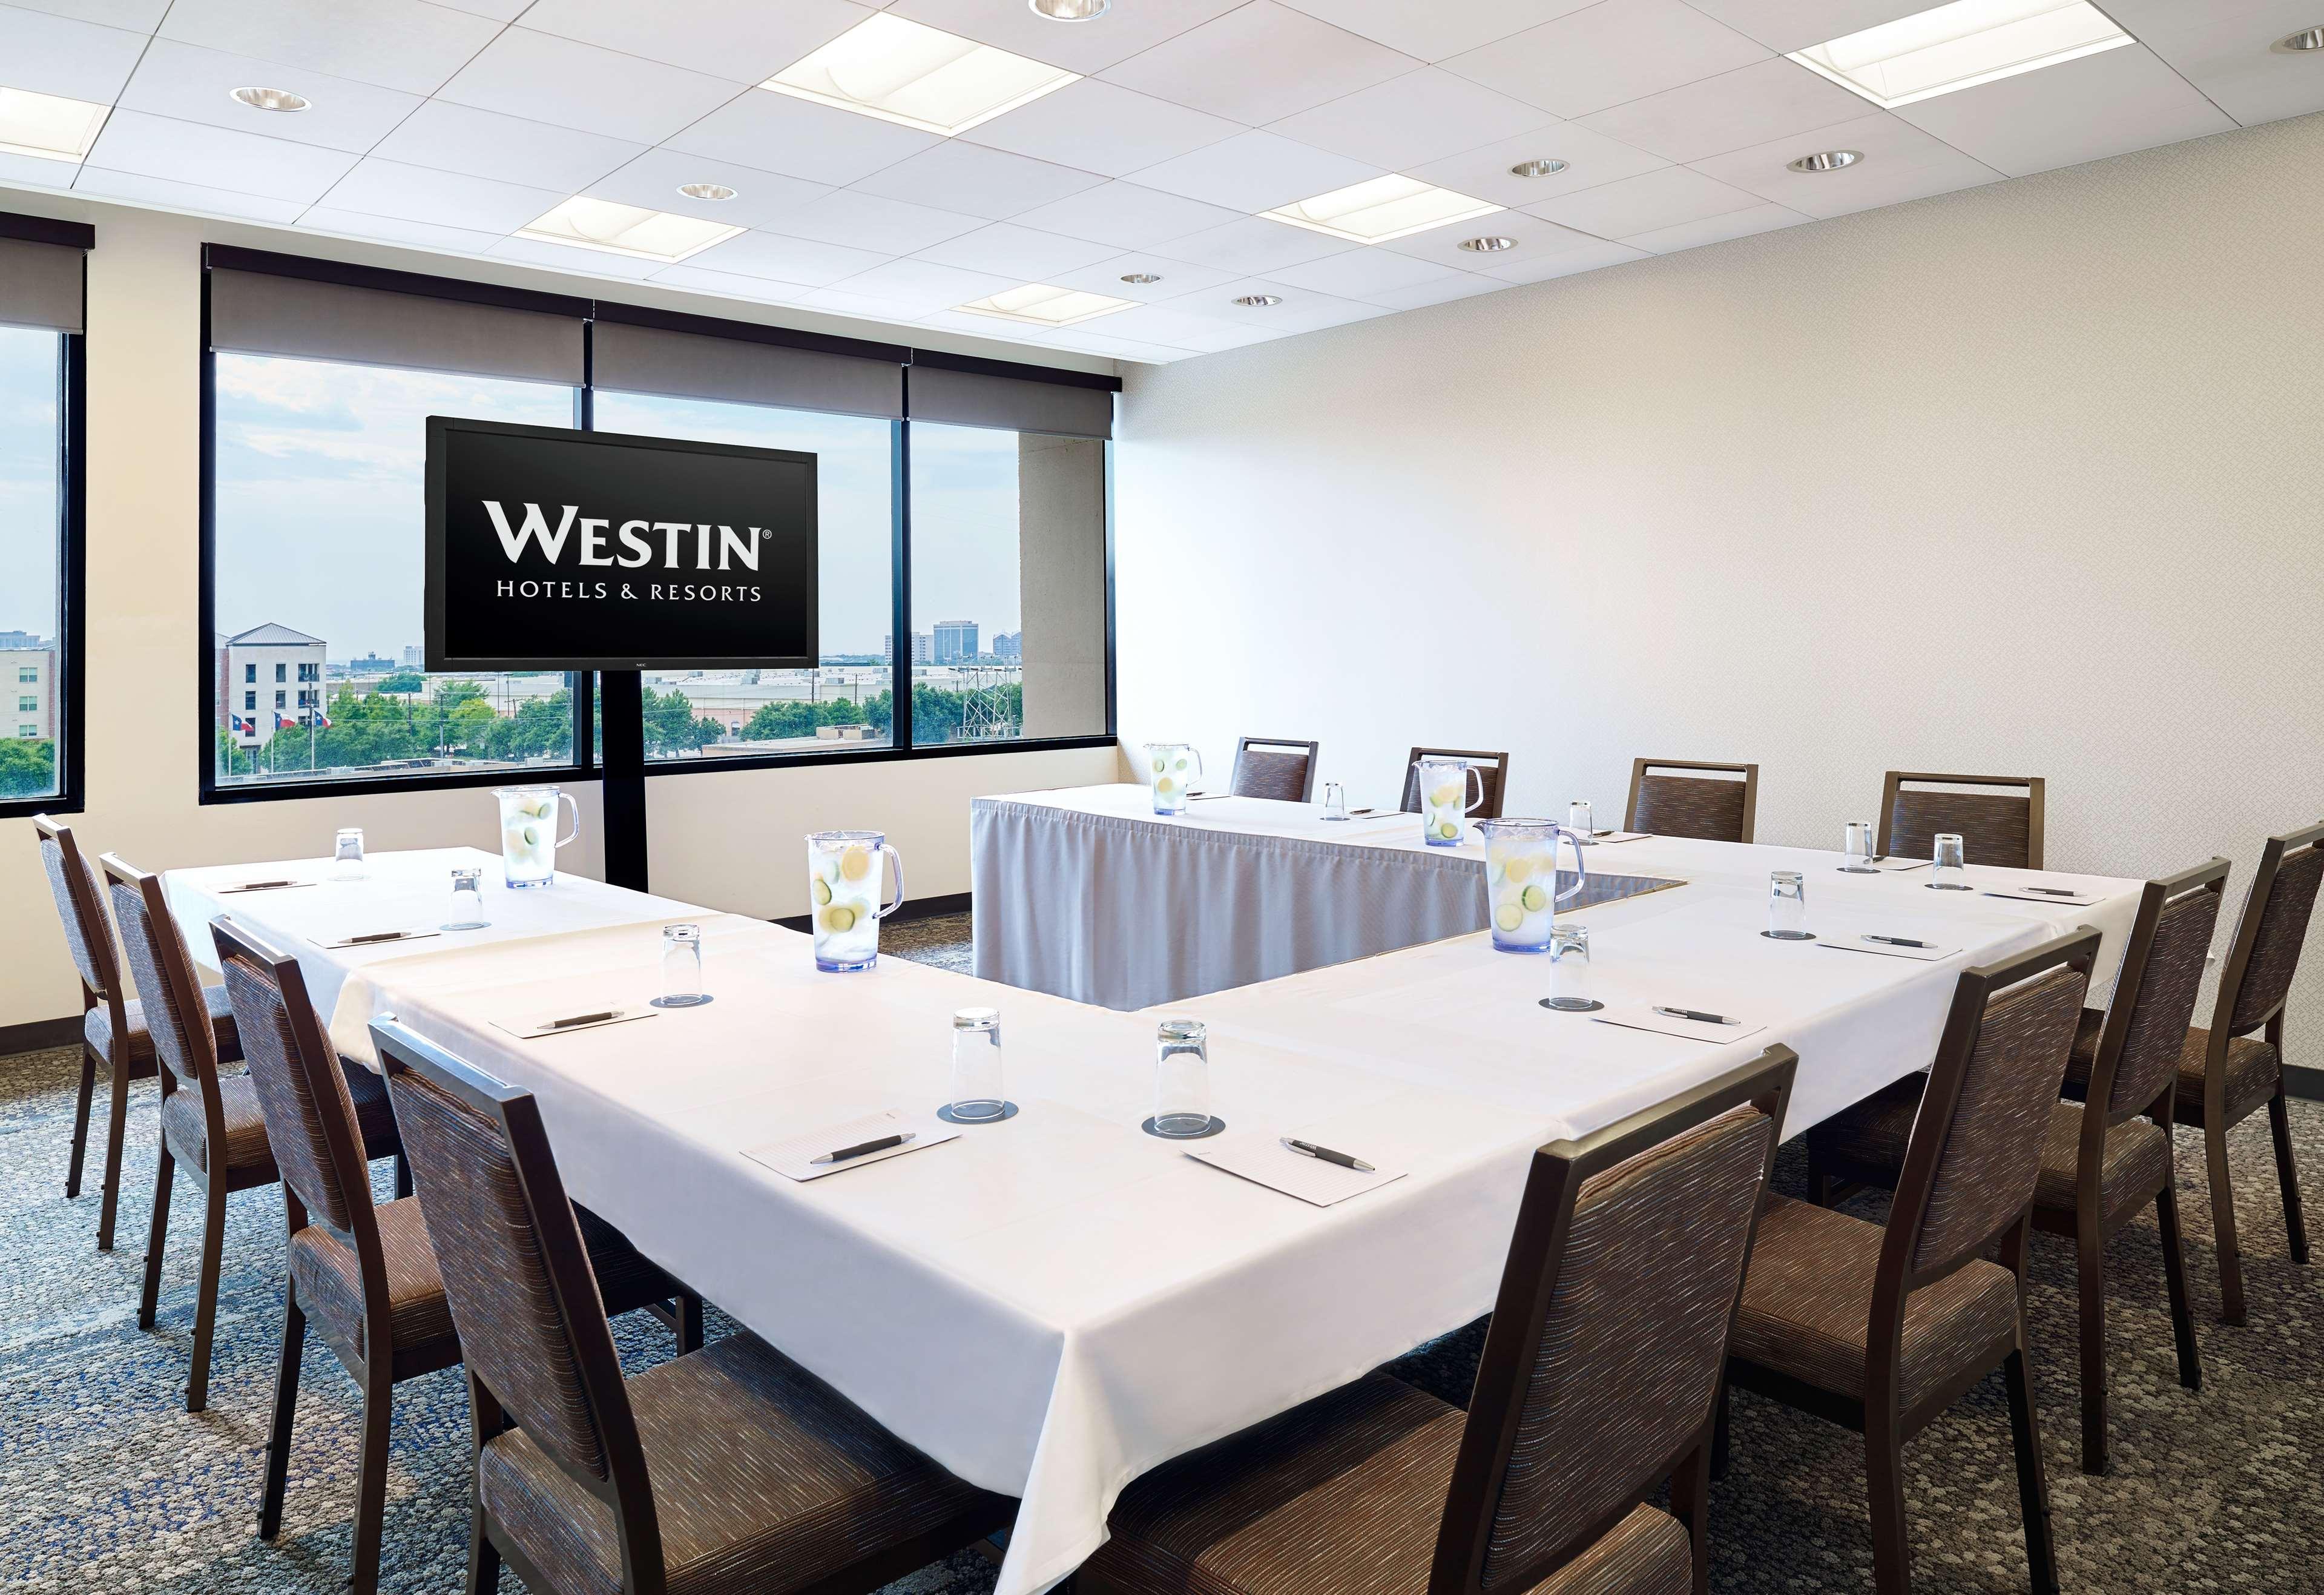 The Westin Galleria Dallas image 21